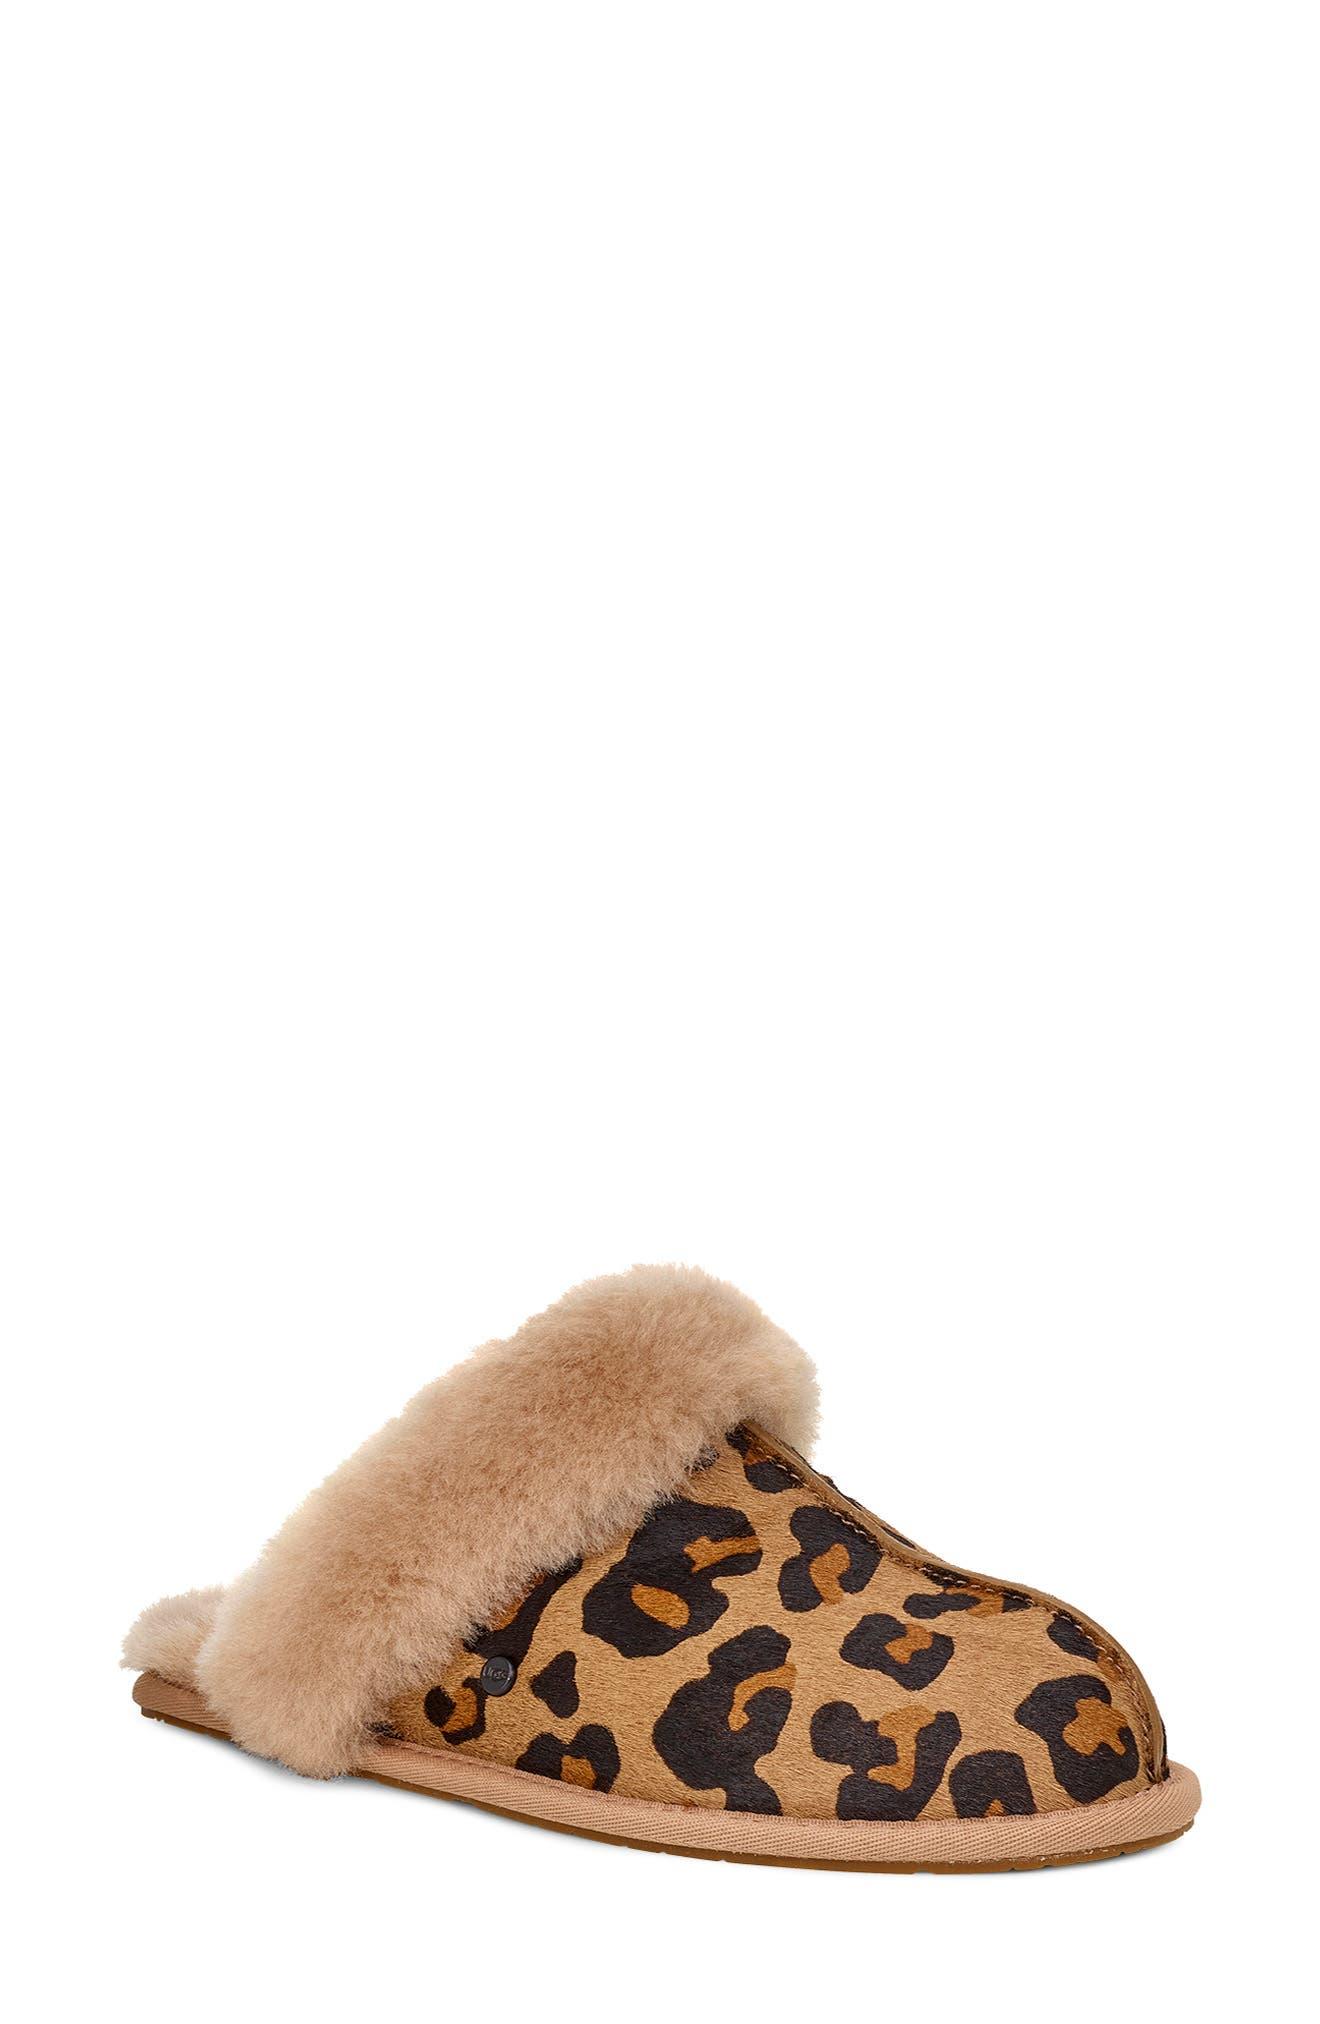 ugh slipper sale